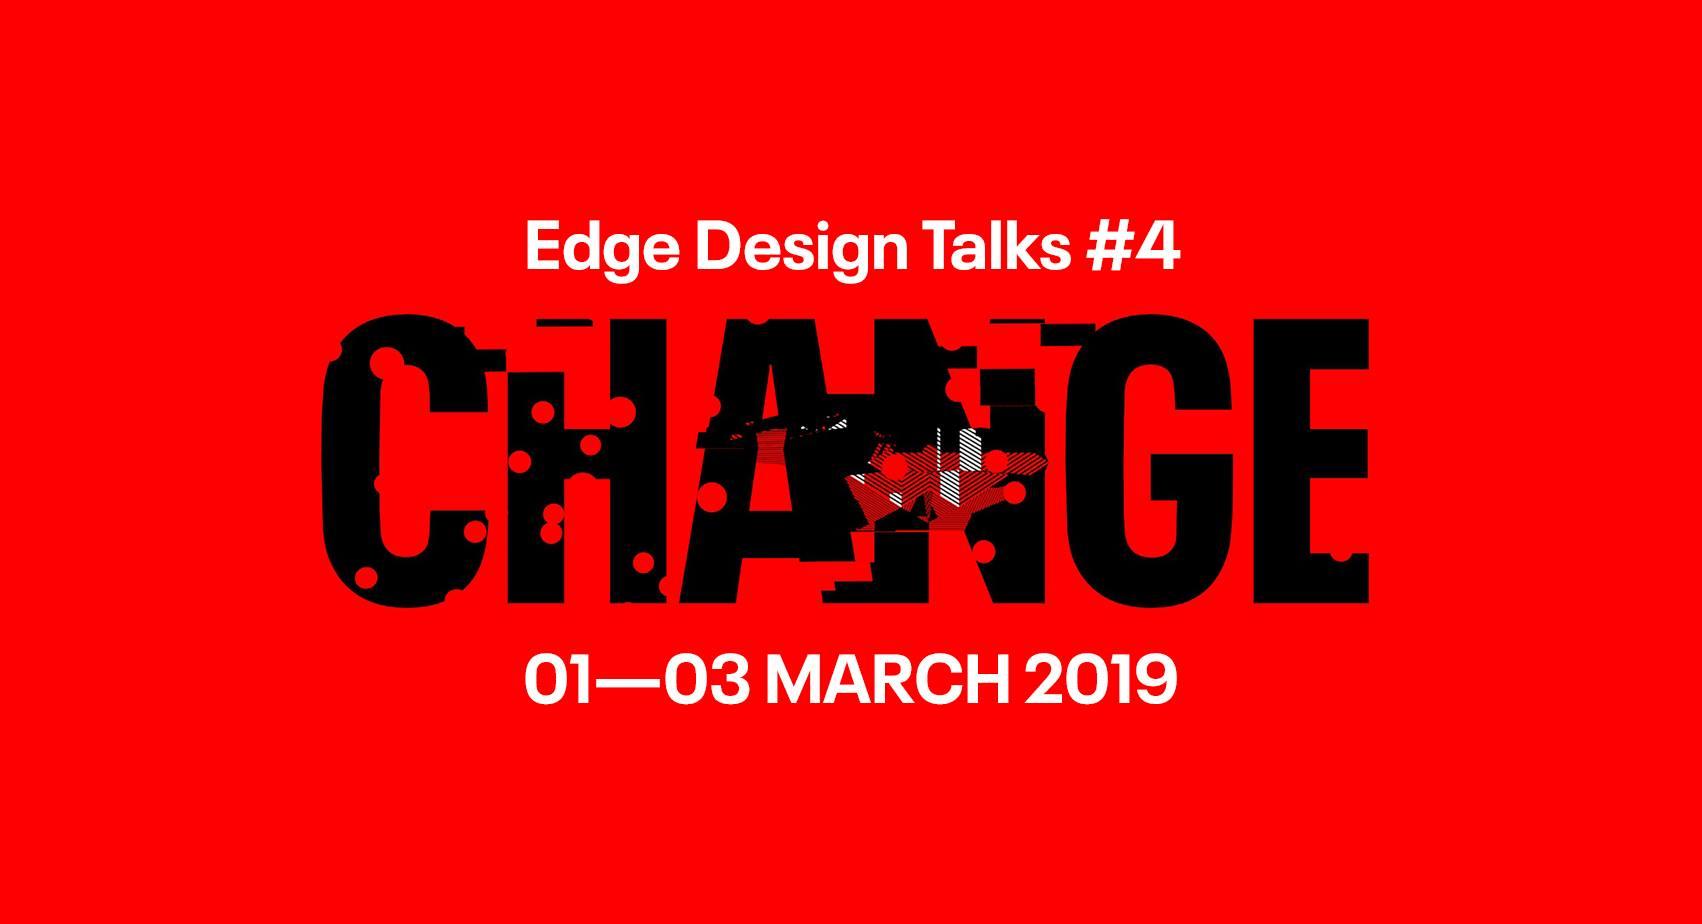 Edge Design Talks #4 – Conference